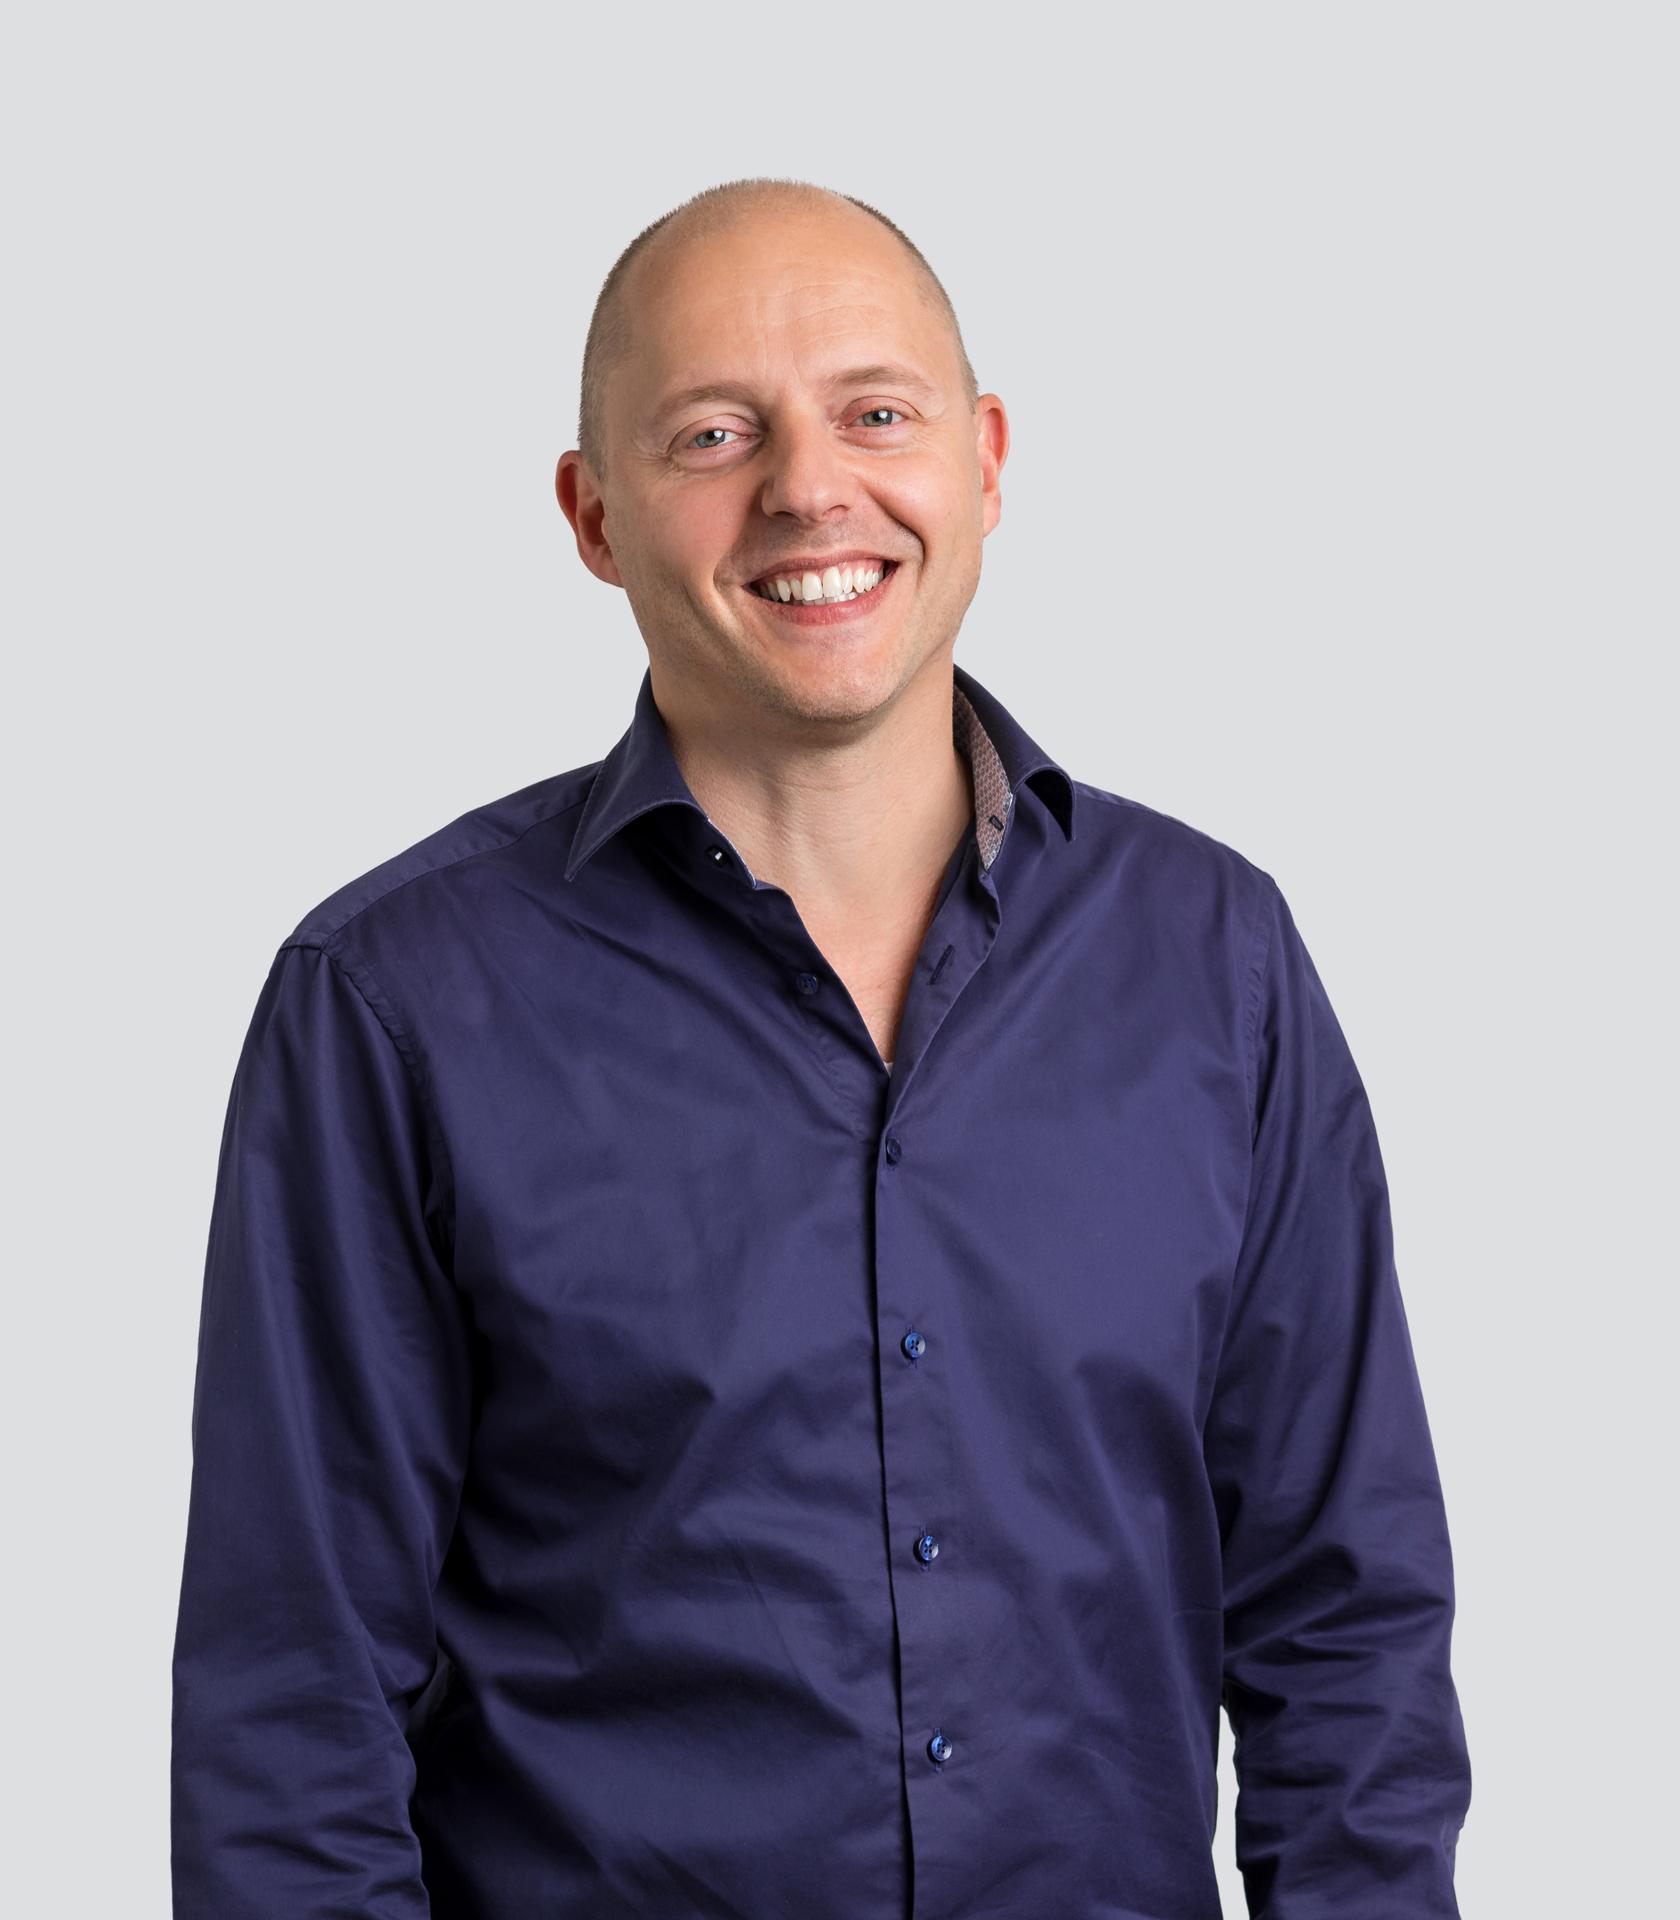 Lasse Rasmussen